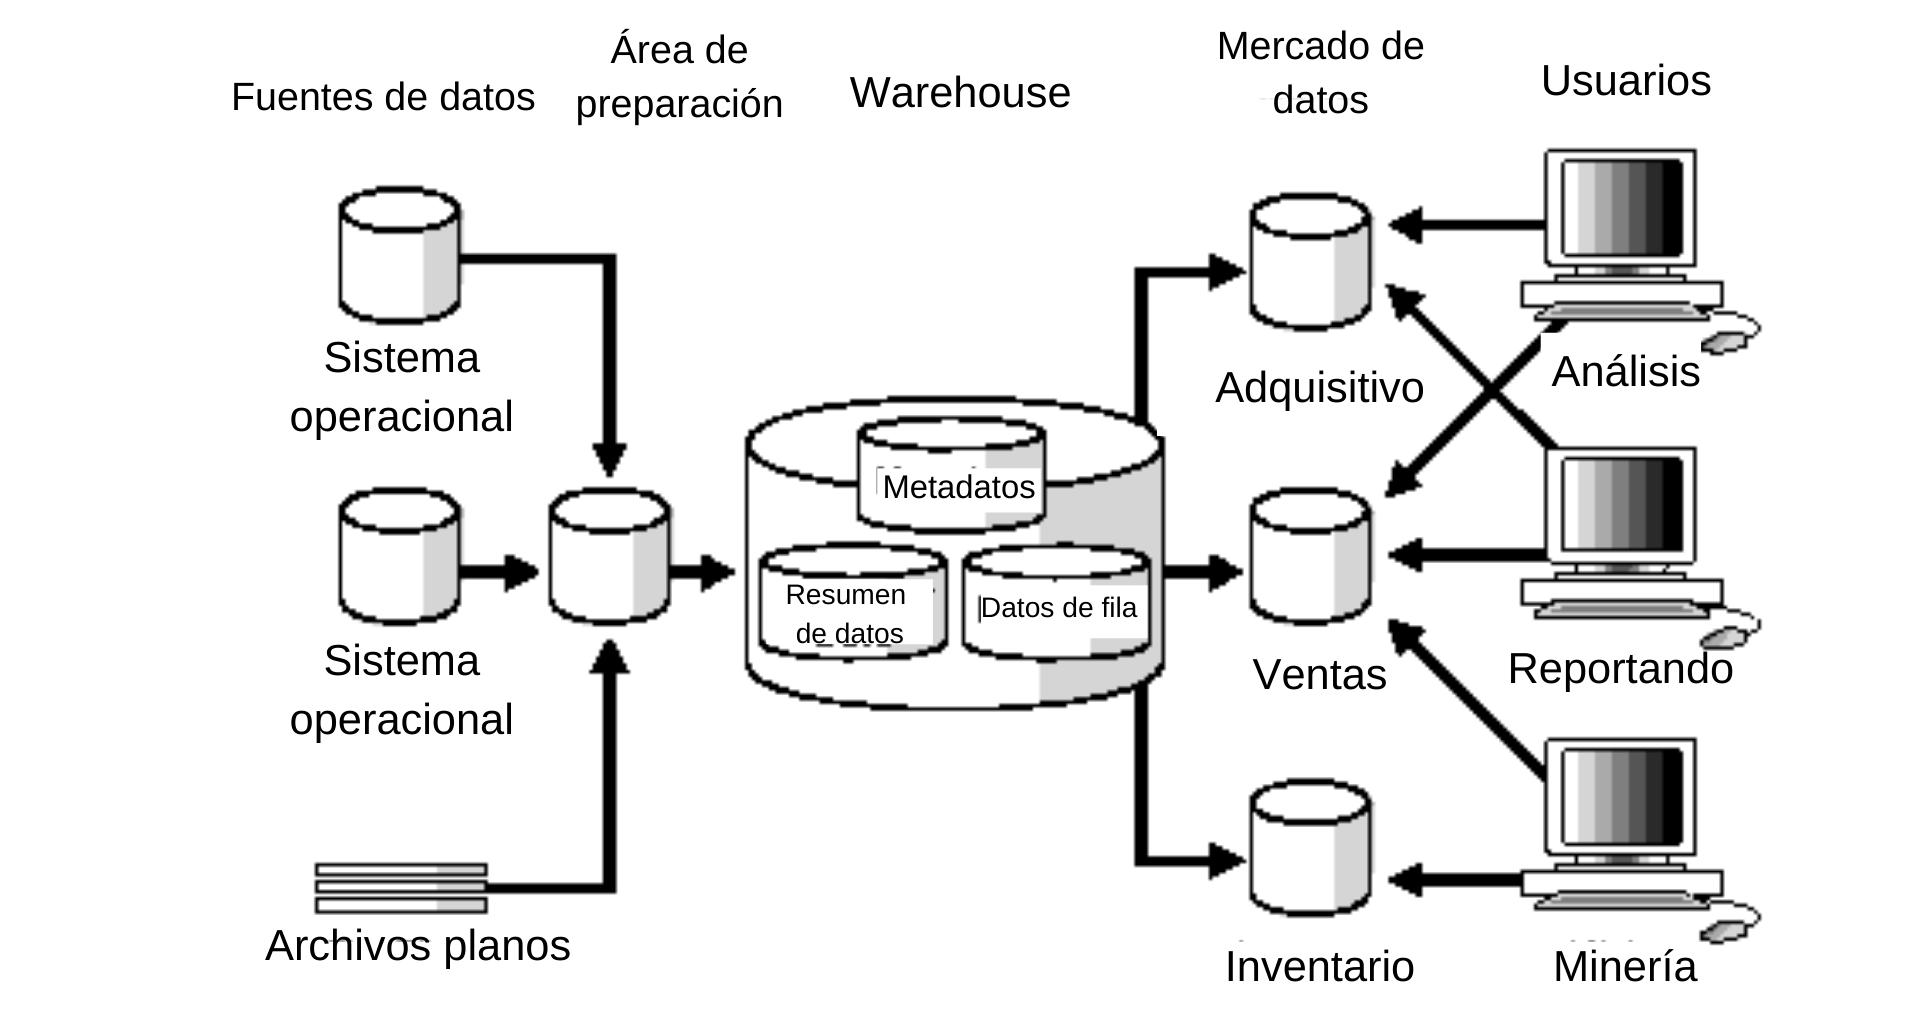 Ejemplo de data warehouse con mercados de datos